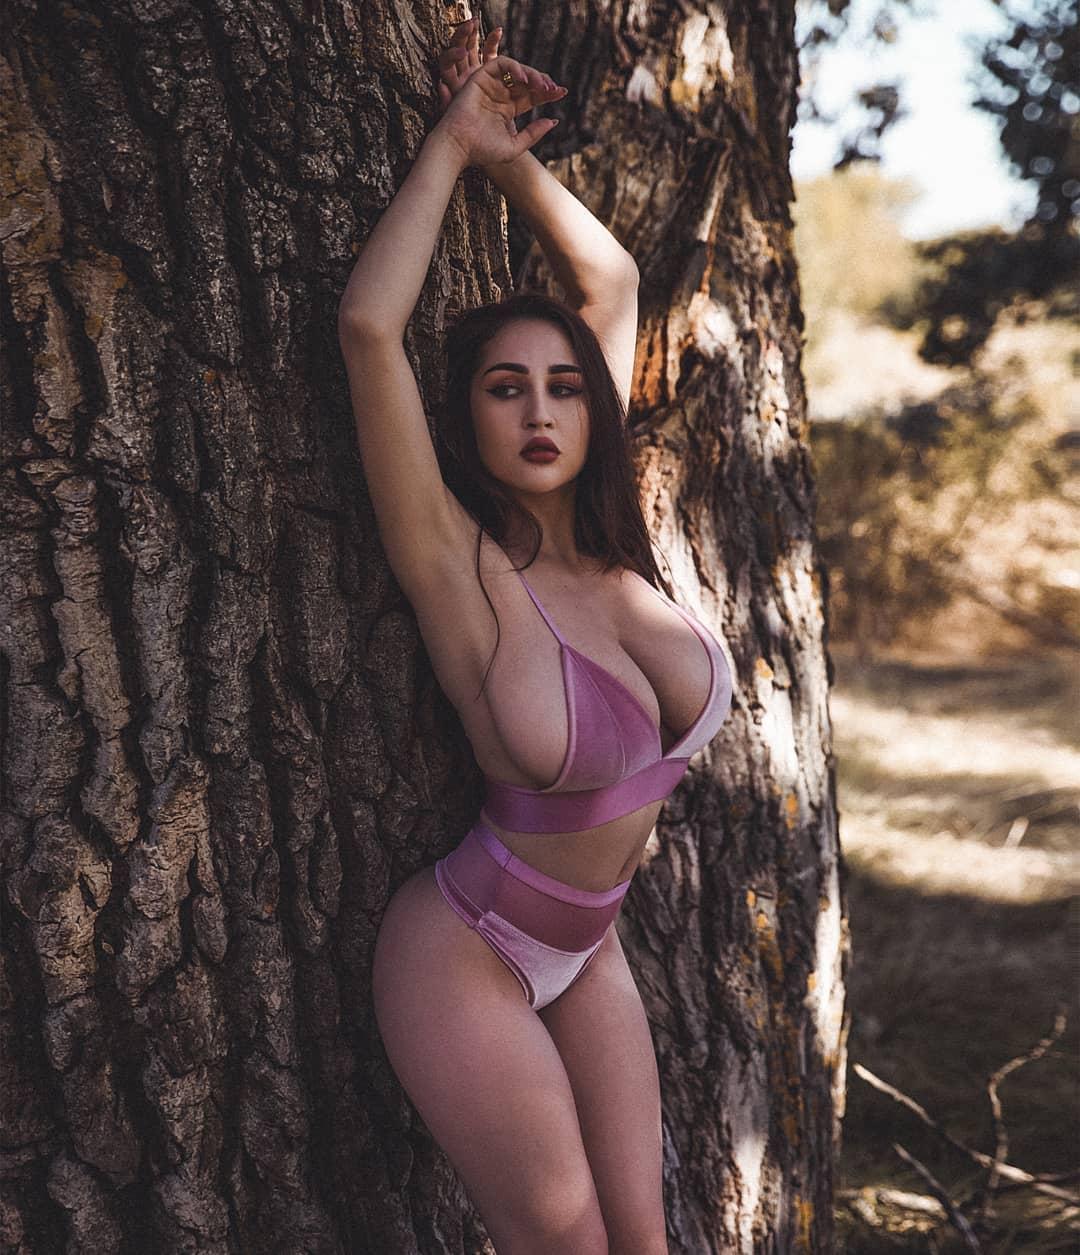 Louisa Khovanski Nude Onlyfans Leaked 0050